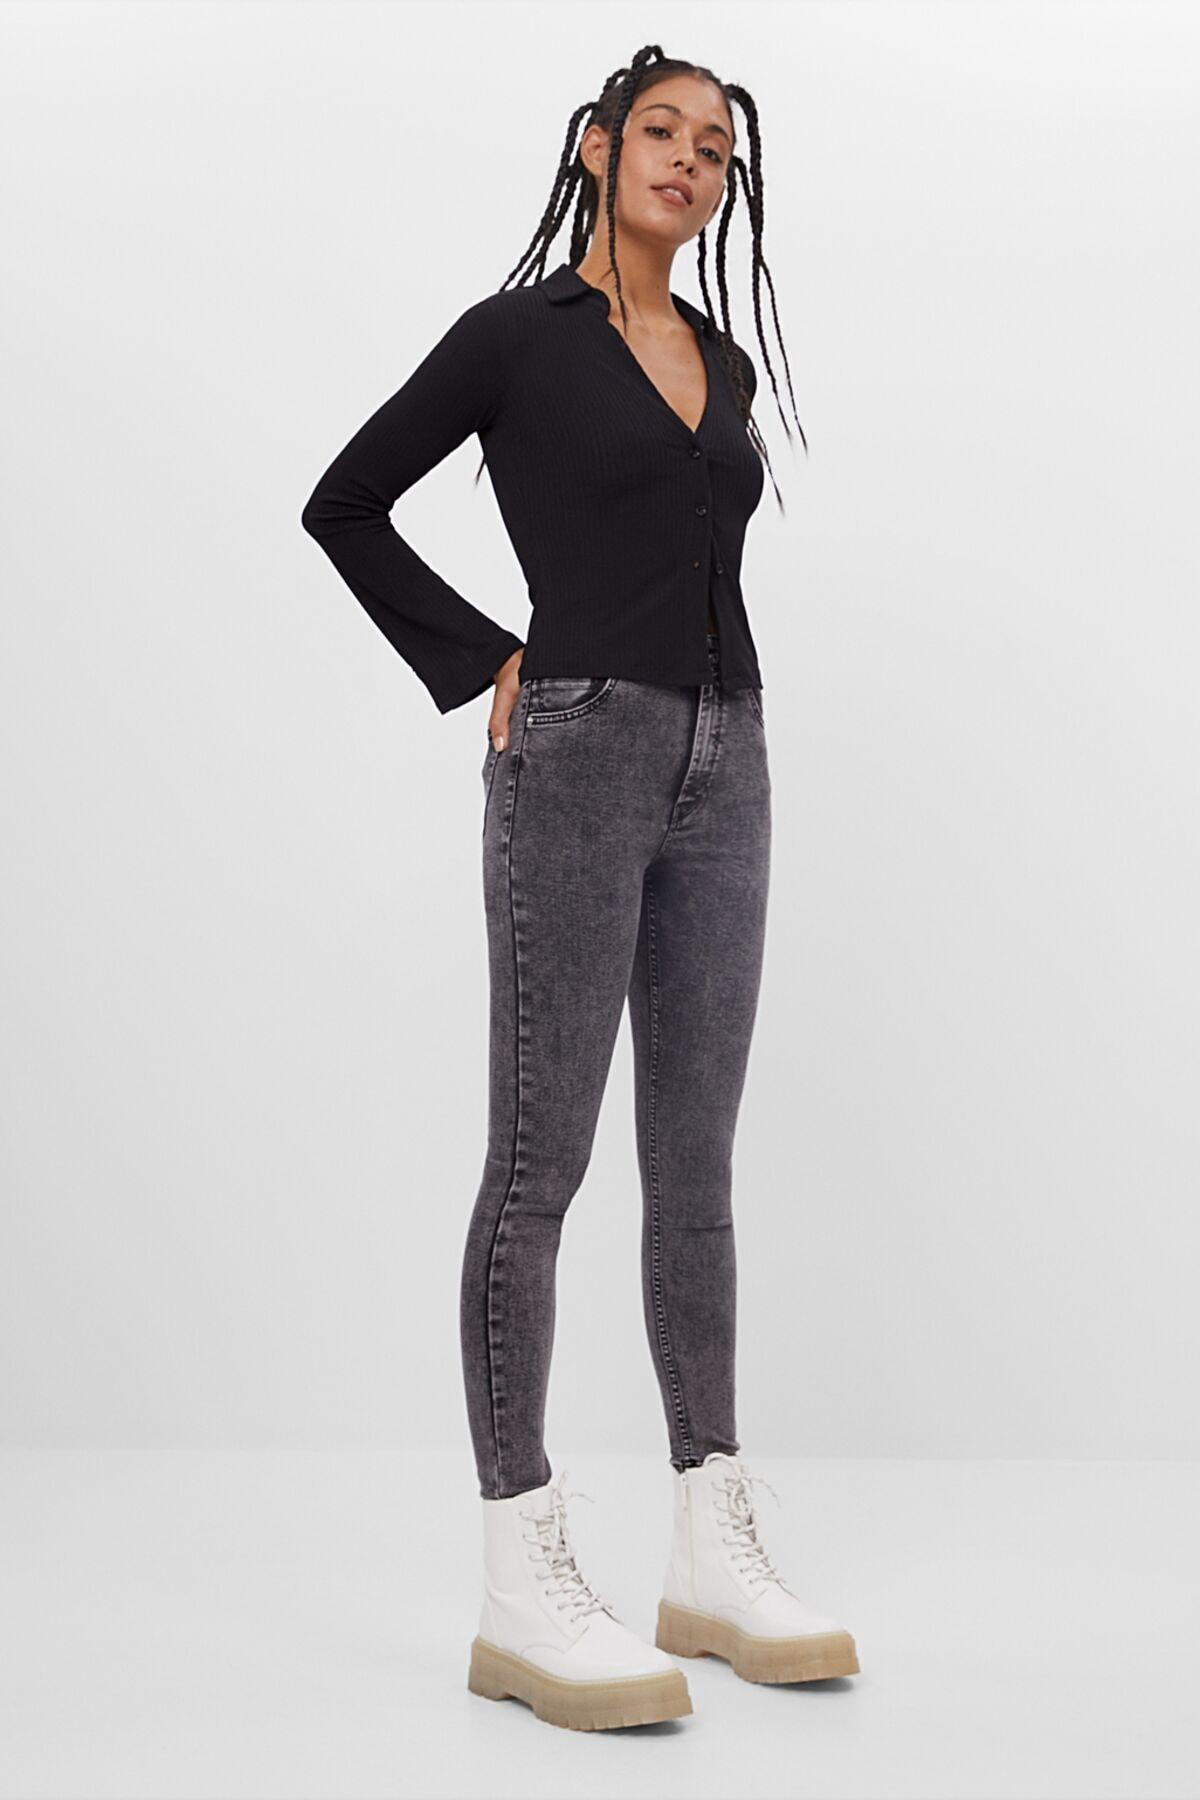 Bershka Kadın Gri Süper Yüksek Bel Jean 1